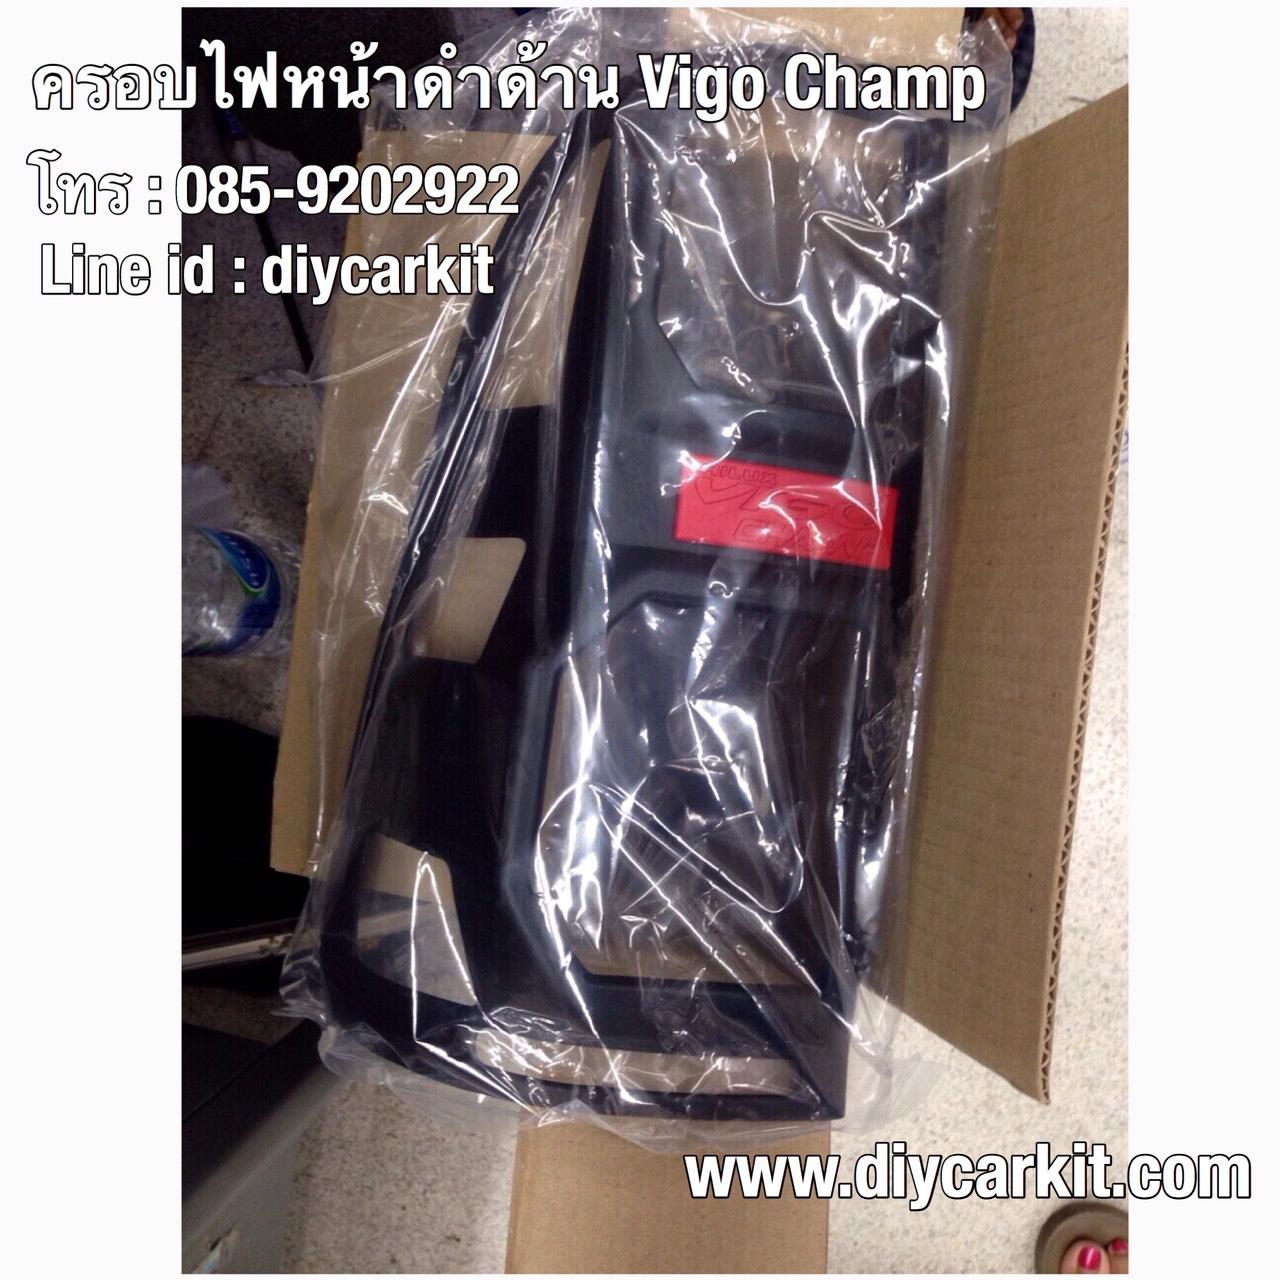 ครอบไฟท้ายสีดำด้าน แบบที่ 1 Vigo Champ